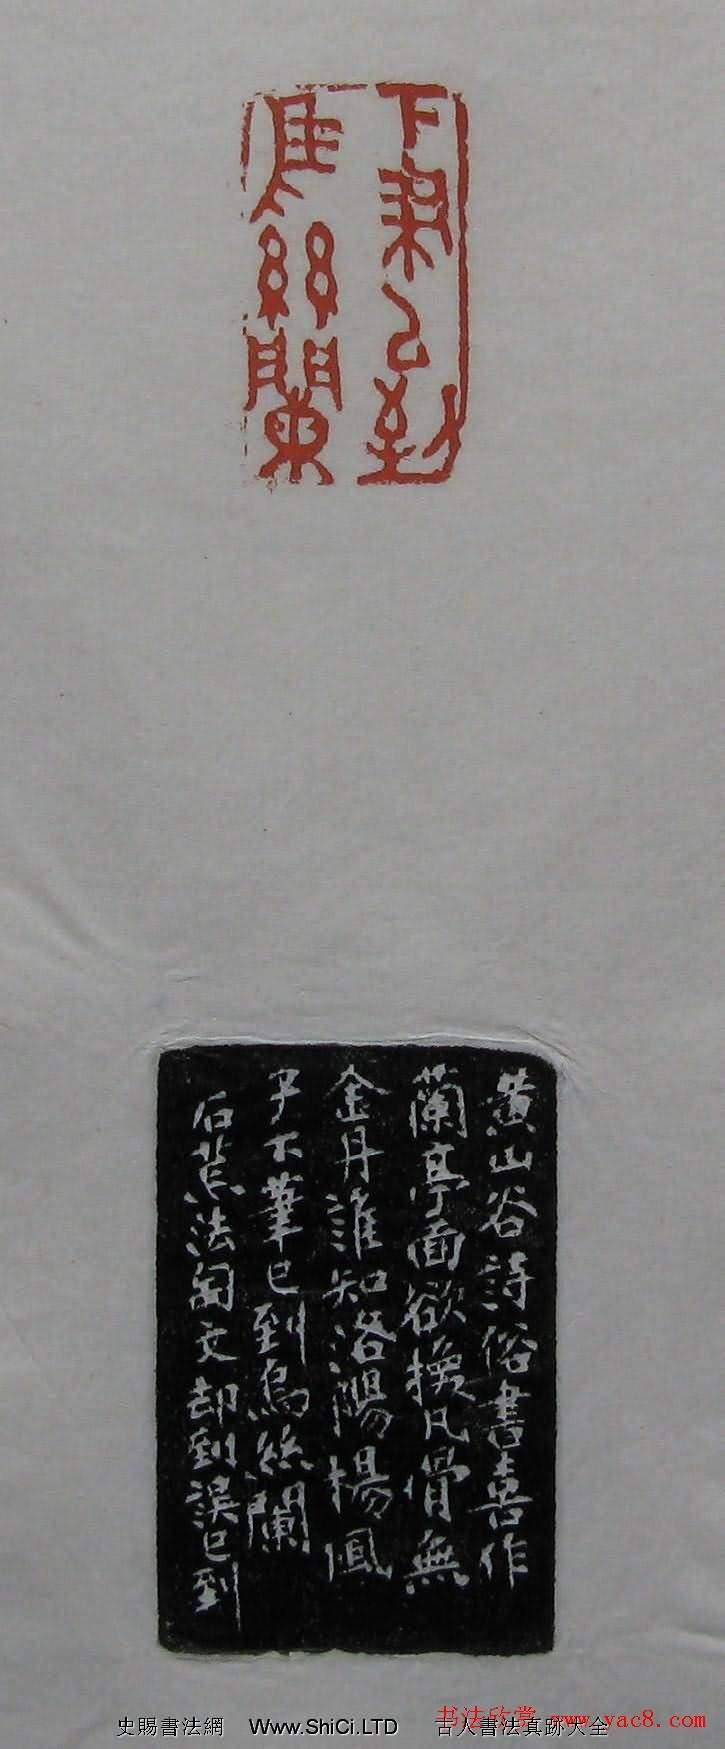 篆刻作品欣賞《沙孟海印譜》